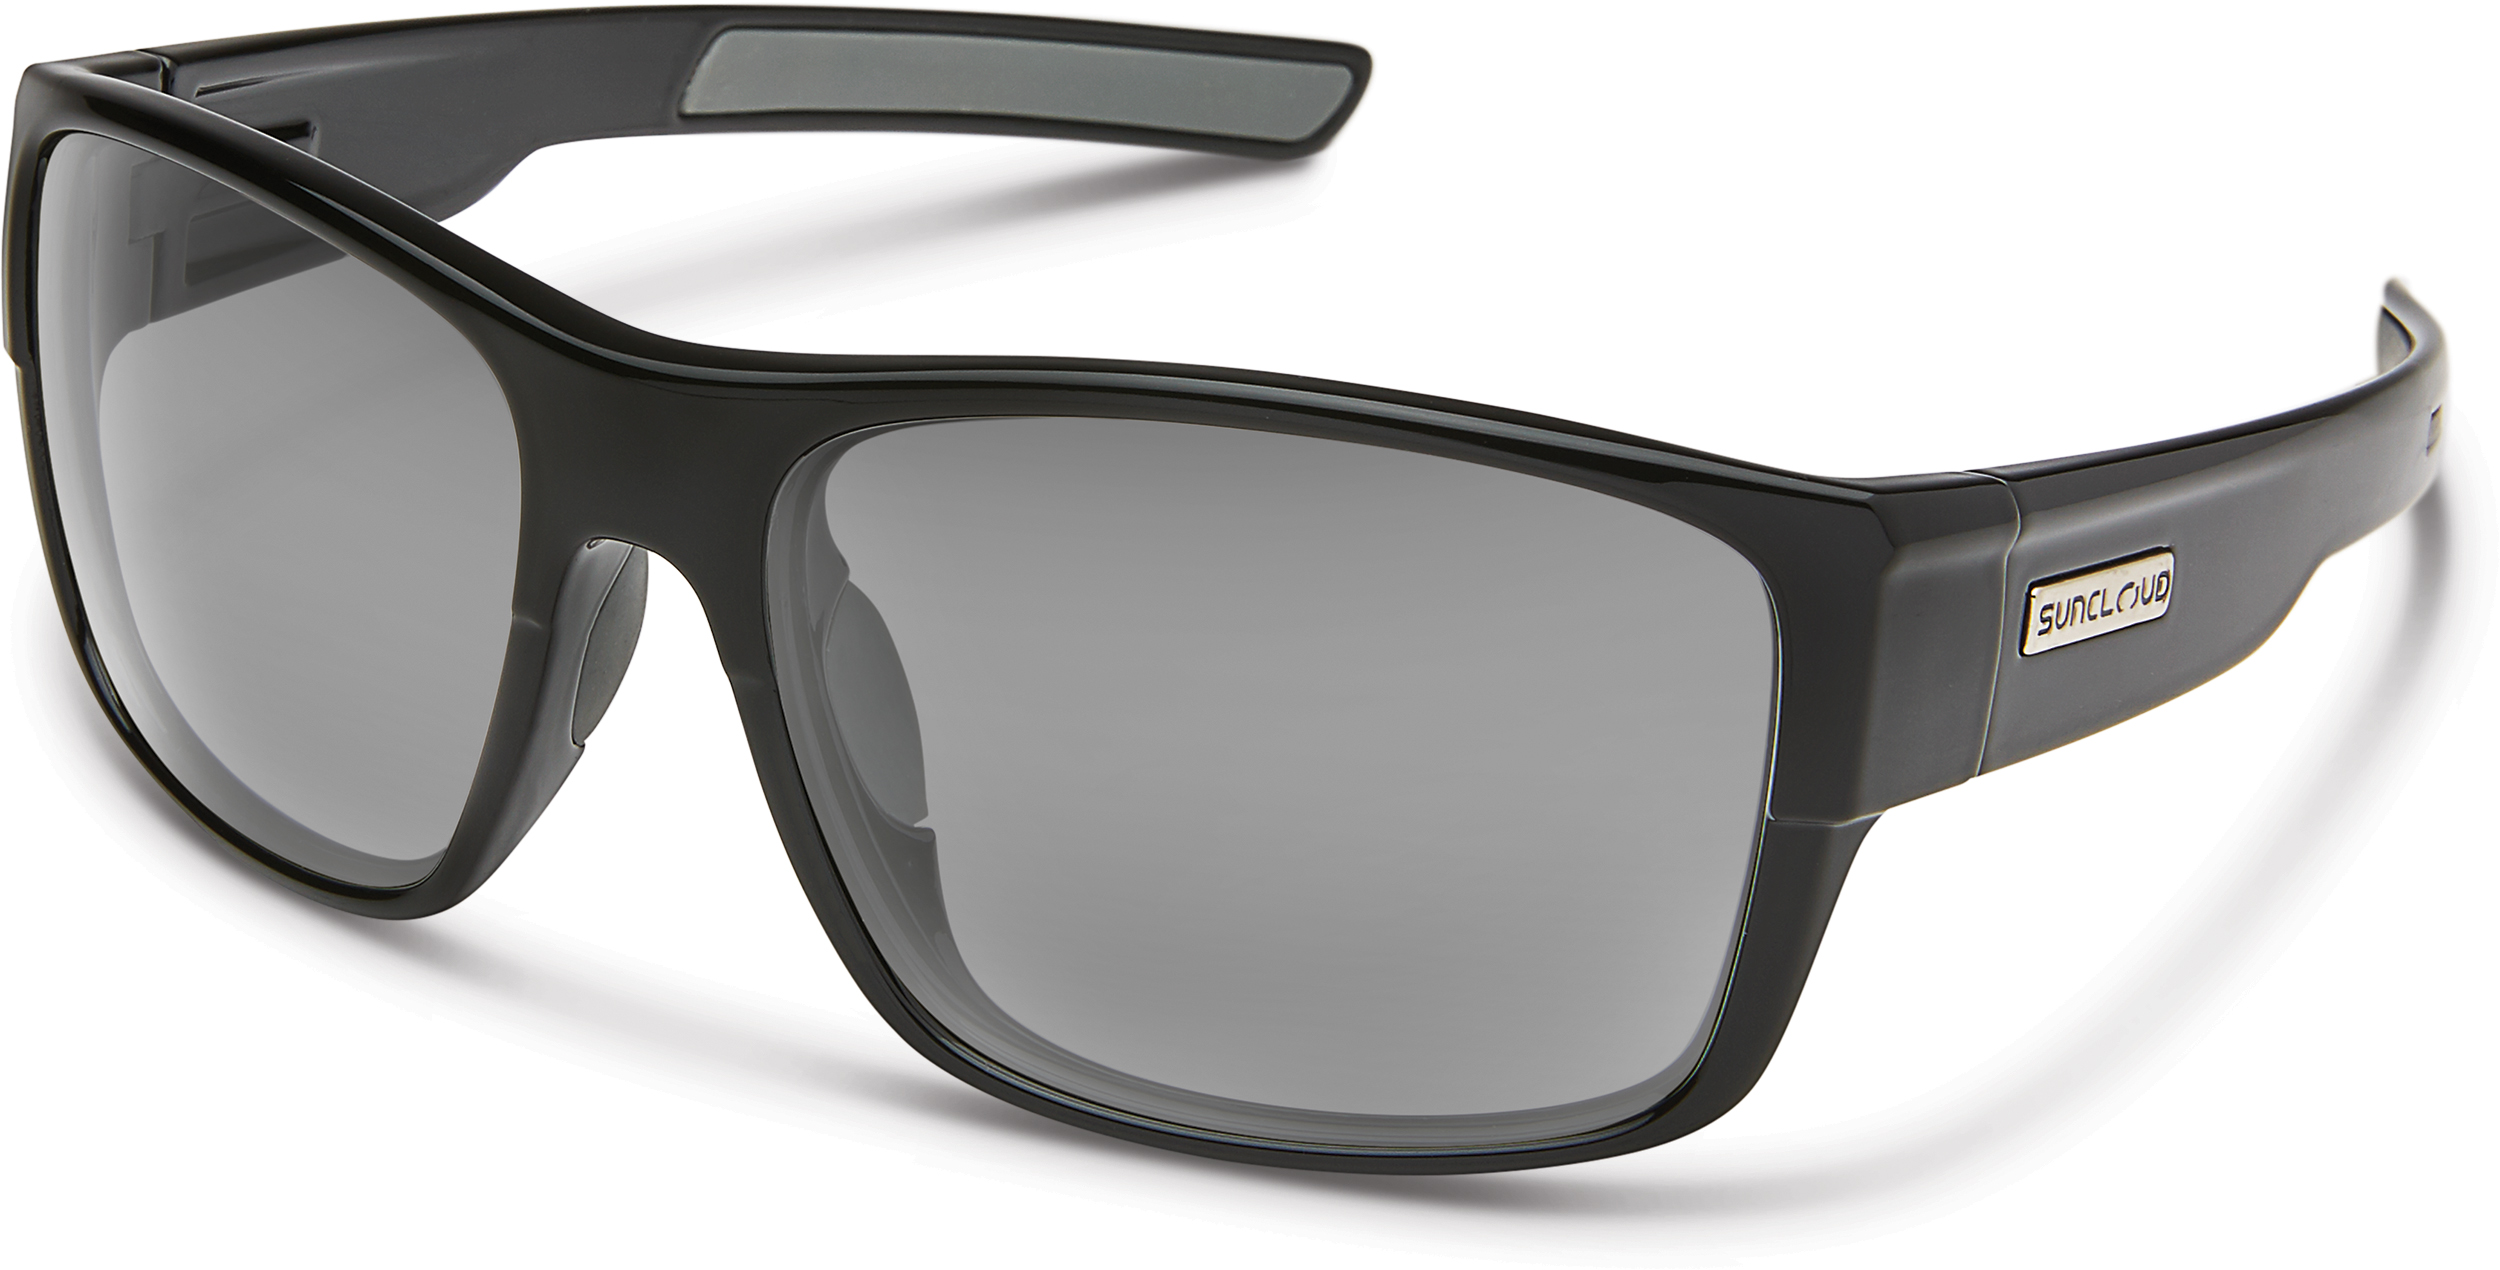 6b7eb180269 Suncloud Range Polarized Sunglasses - Unisex